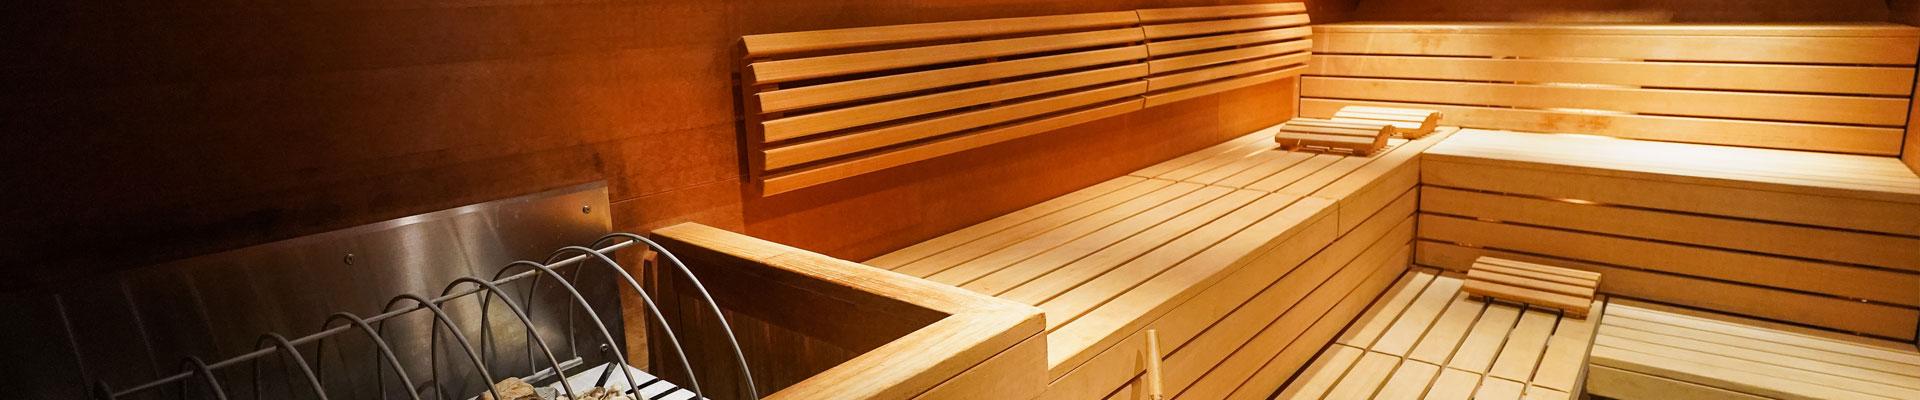 Spa Sauna Amneville Boffo Sa